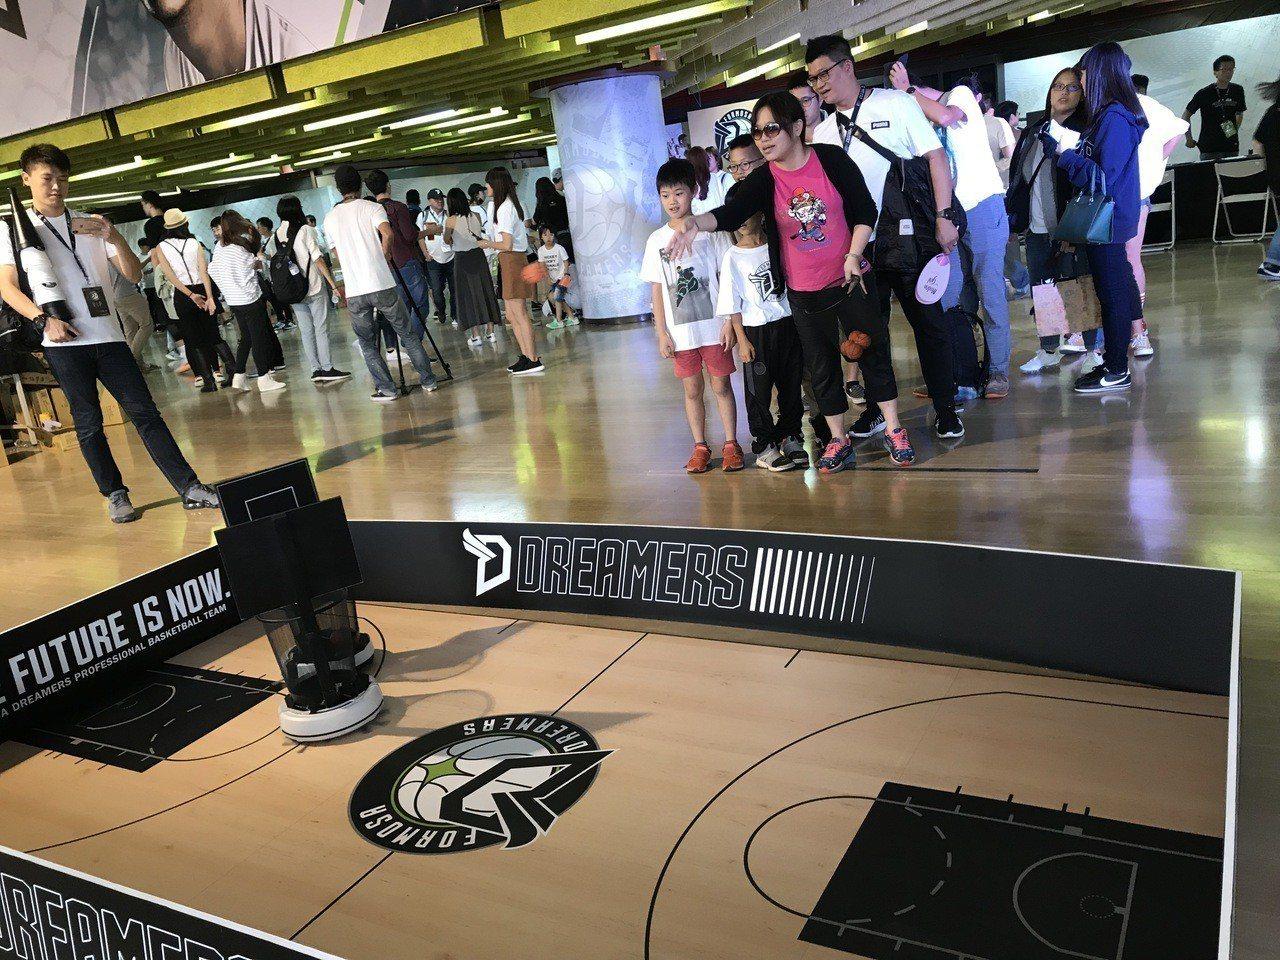 場邊有籃球小遊戲可讓球迷同樂。記者毛琬婷/攝影